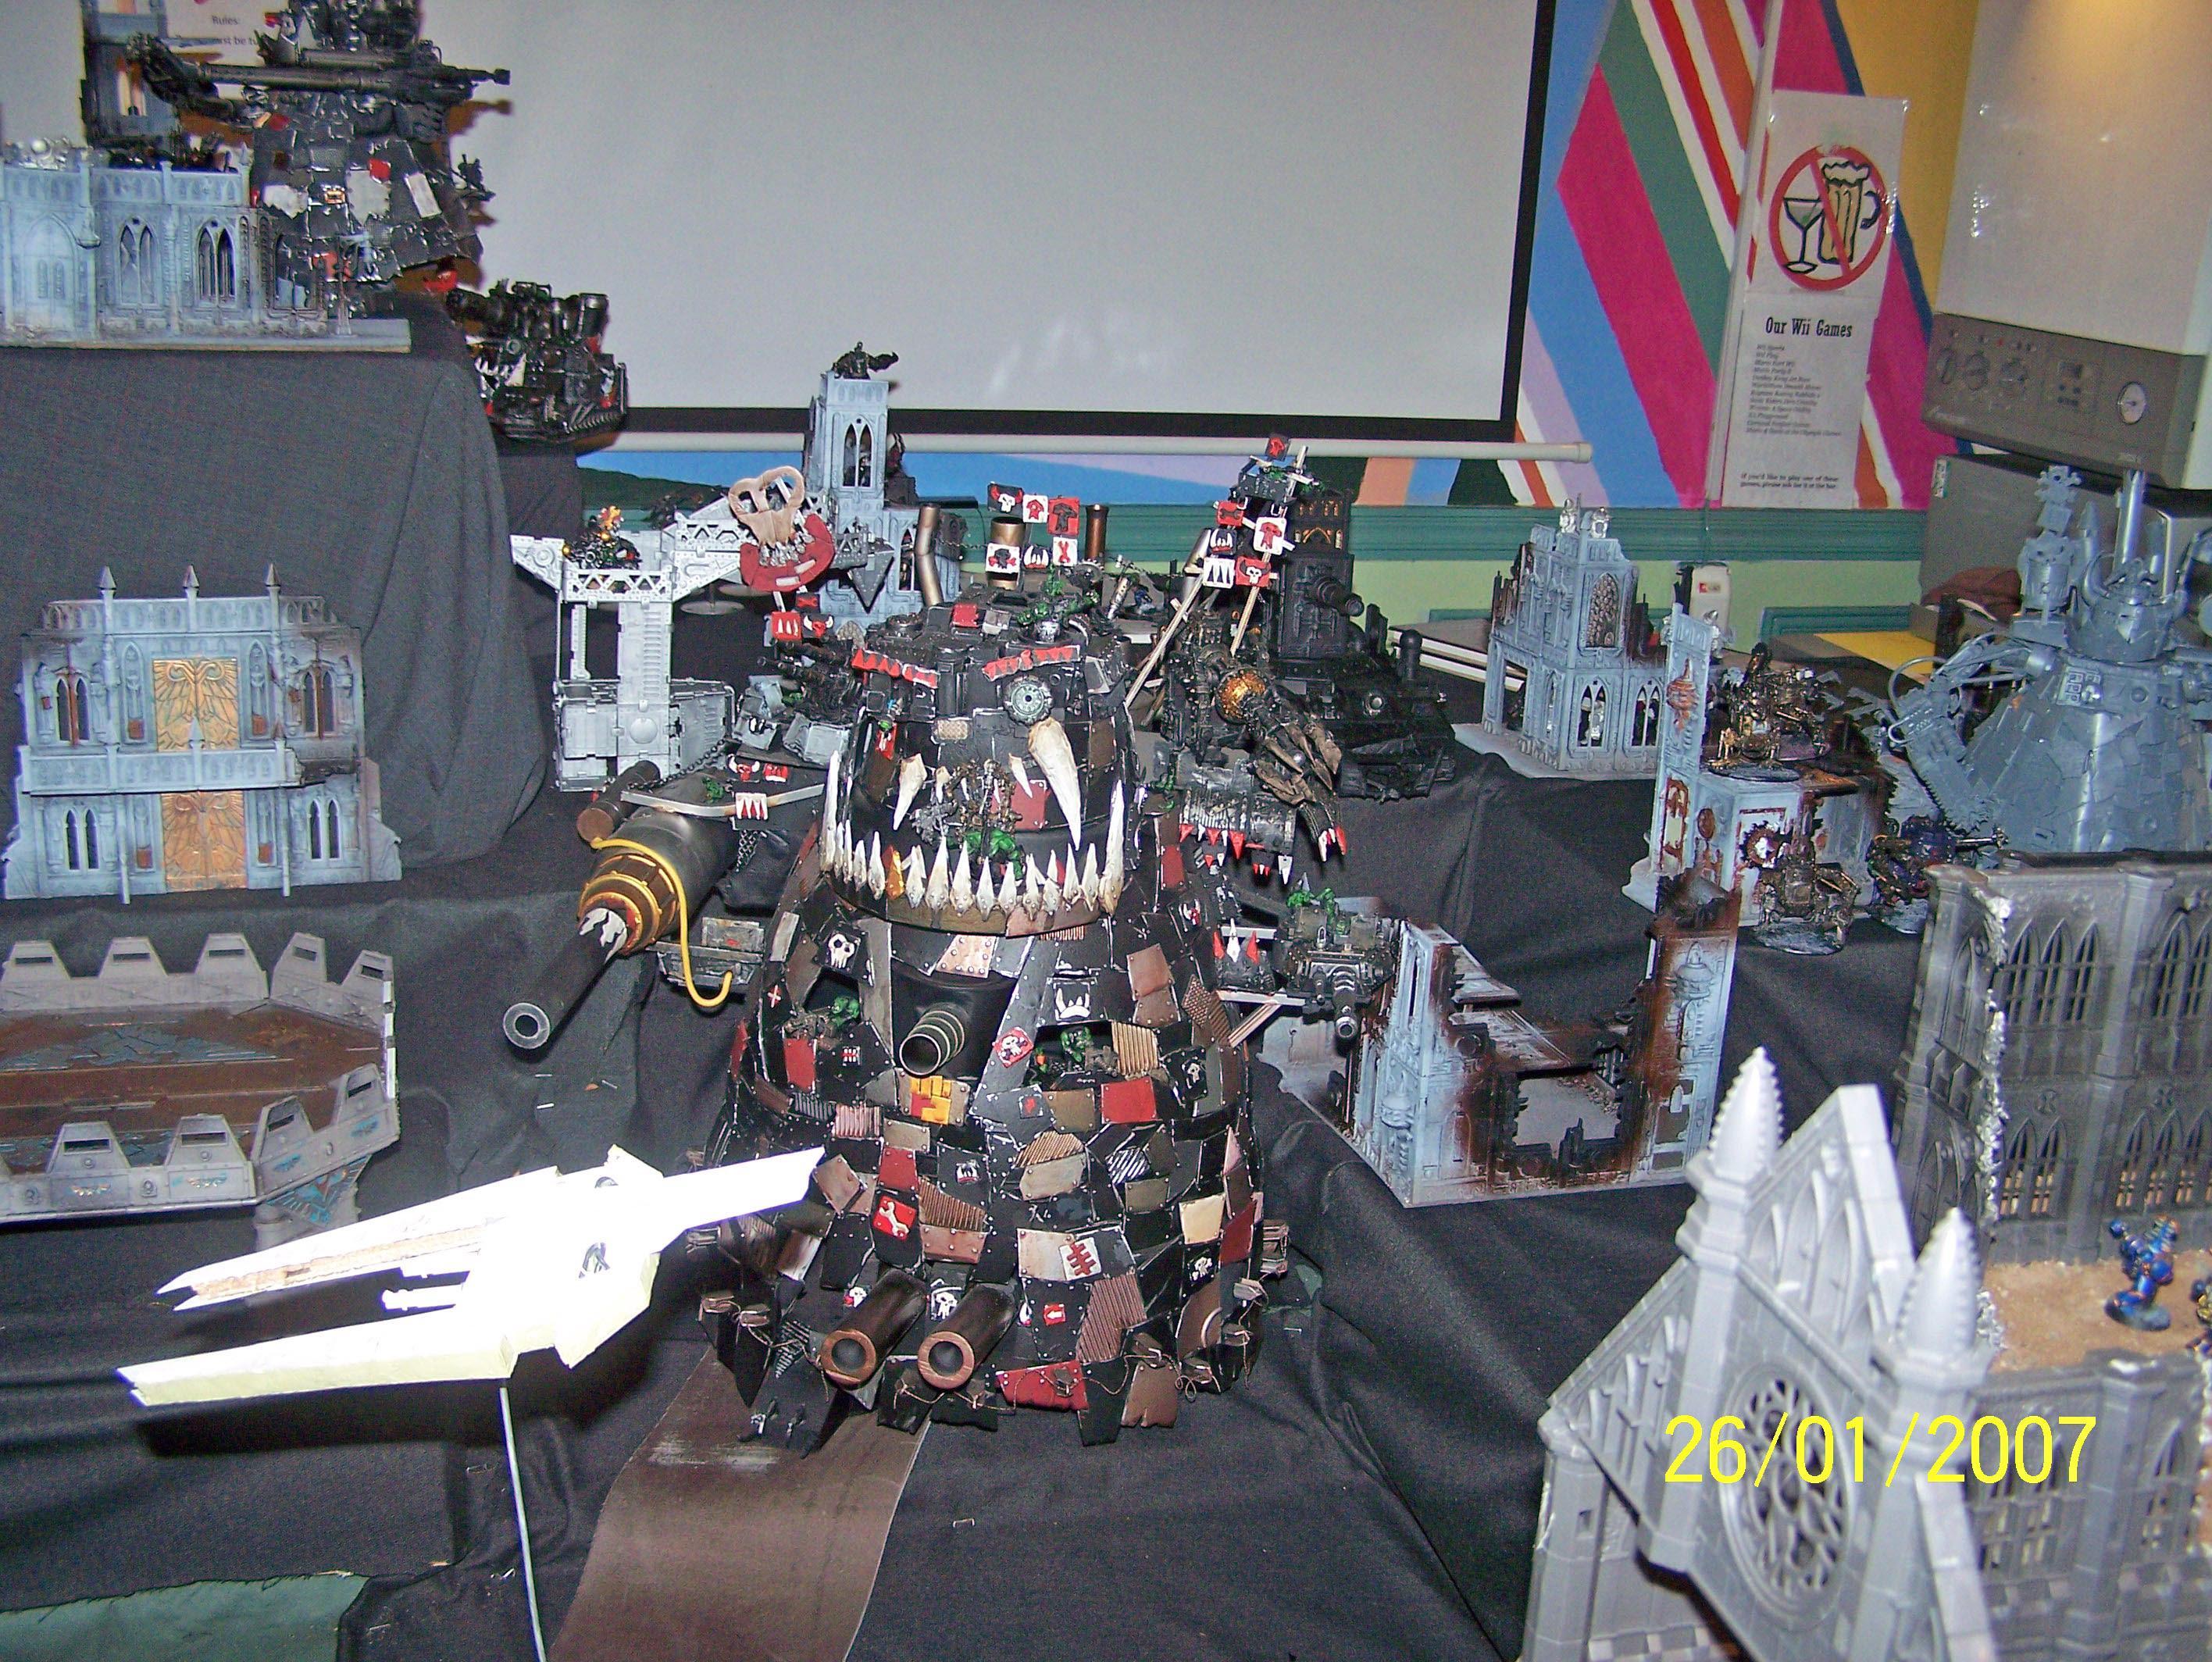 000 Ork, Apocalypse, Conversion, Gargant, Warhammer 40,000